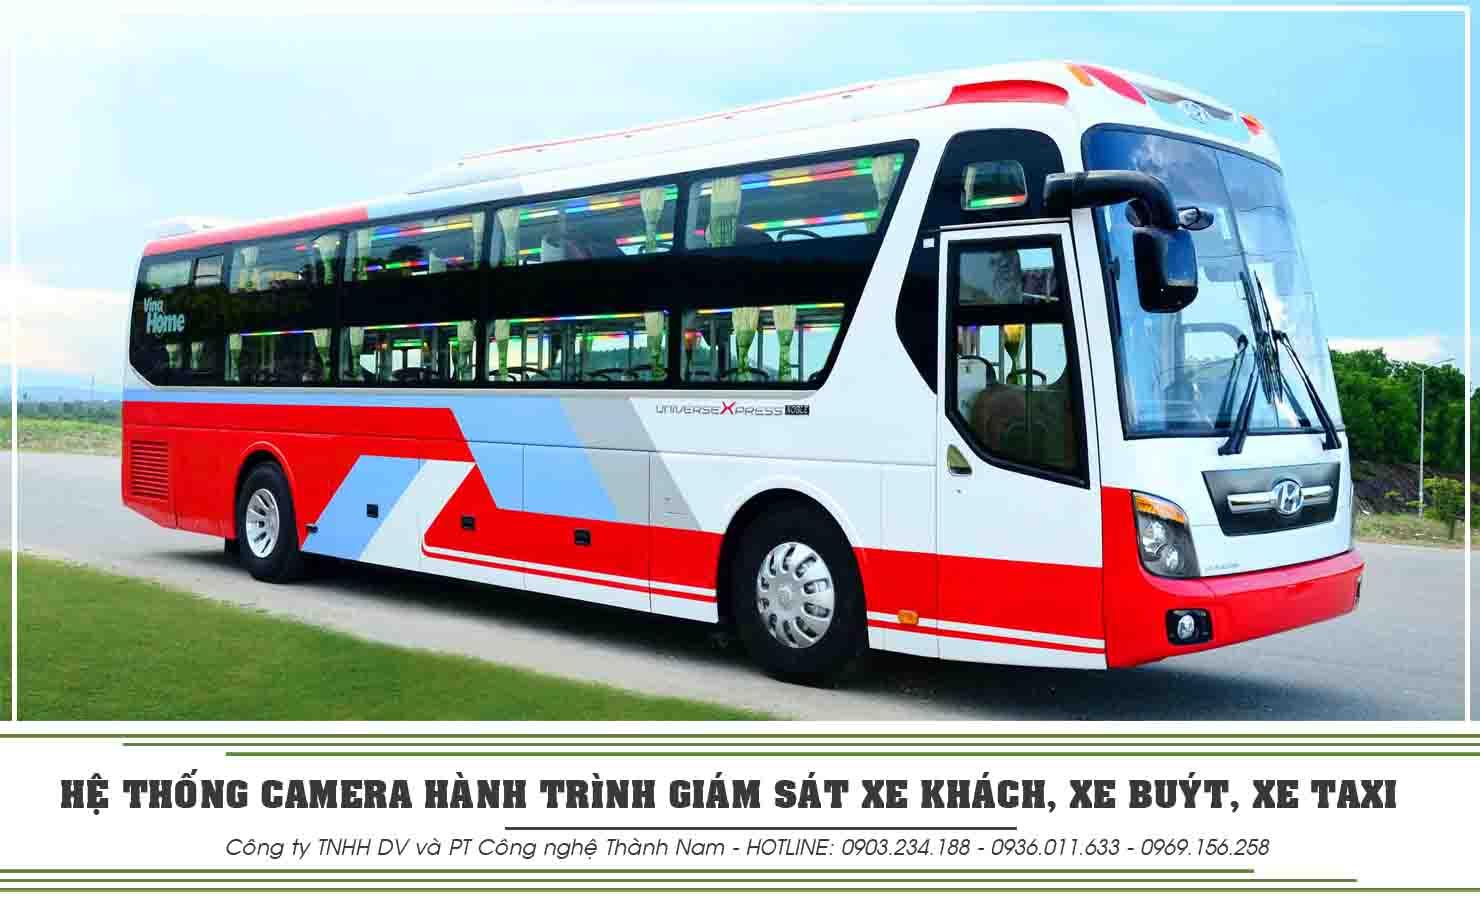 Hệ thống camera hành trình đầu ghi navicom htfs02 - giám sát xe khách, xe buýt, xe taxi